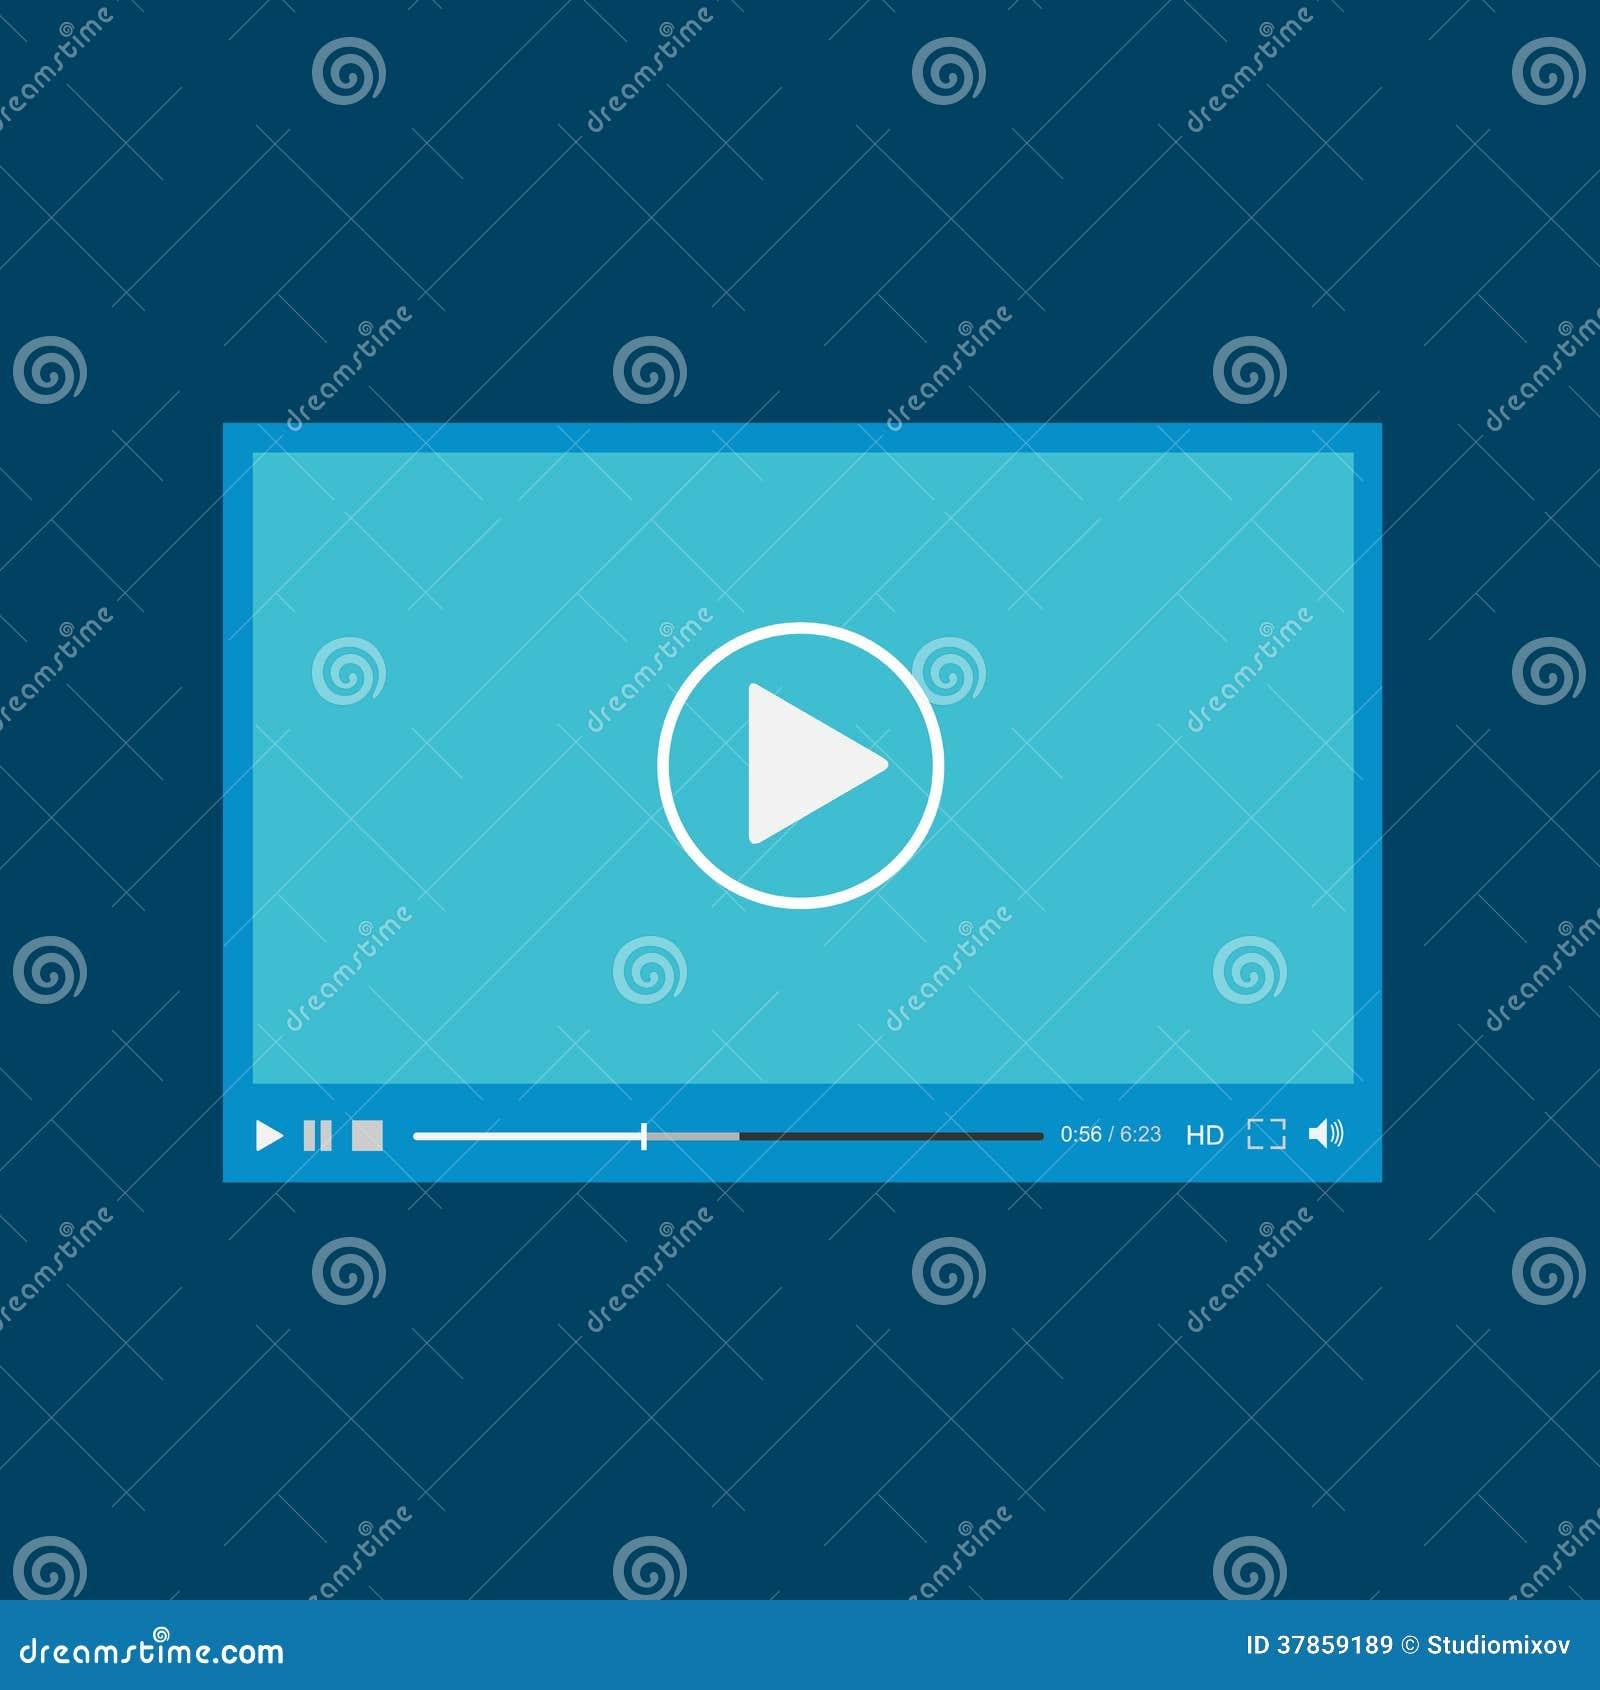 Modern Flat Video Player Interface Cartoon Vector ...